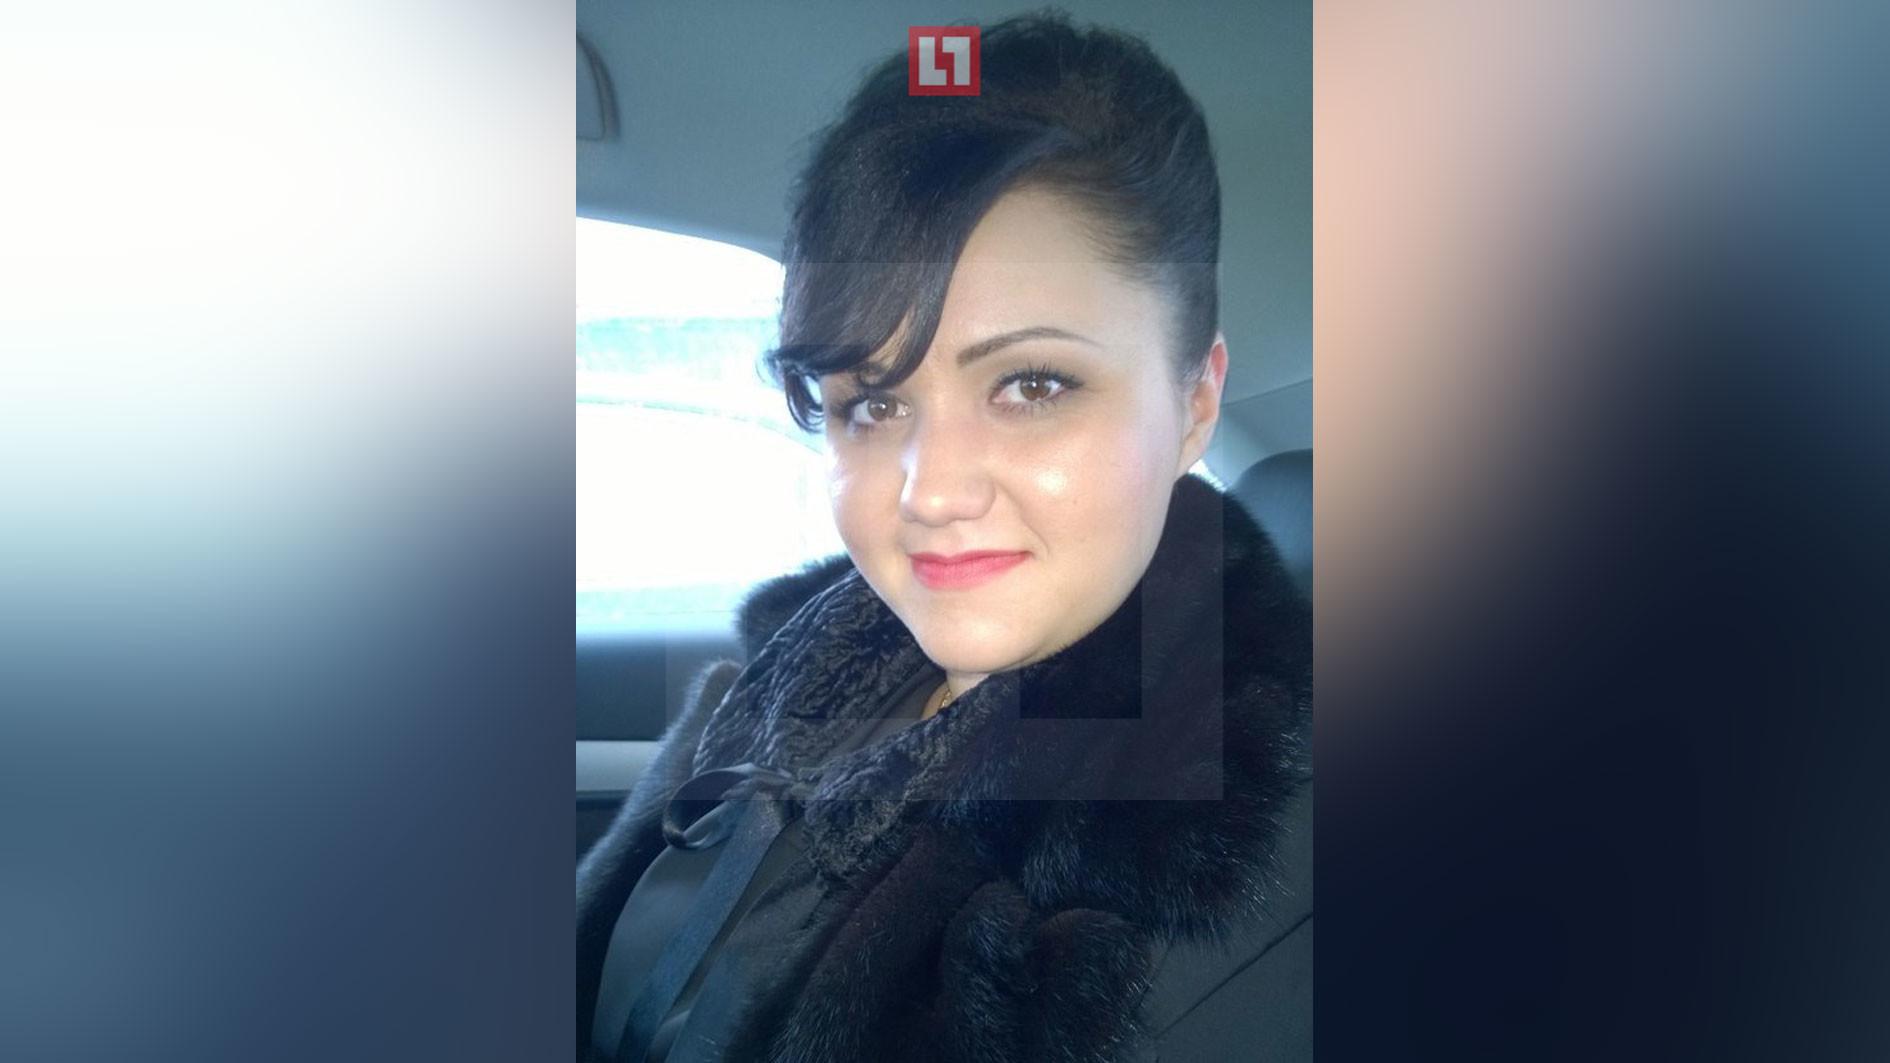 Начальница погибшей Муртазина Д. Фото в редакцию Лайфа прислал гражданский журналист через приложение LiveCorr (доступно на Android и iOS).